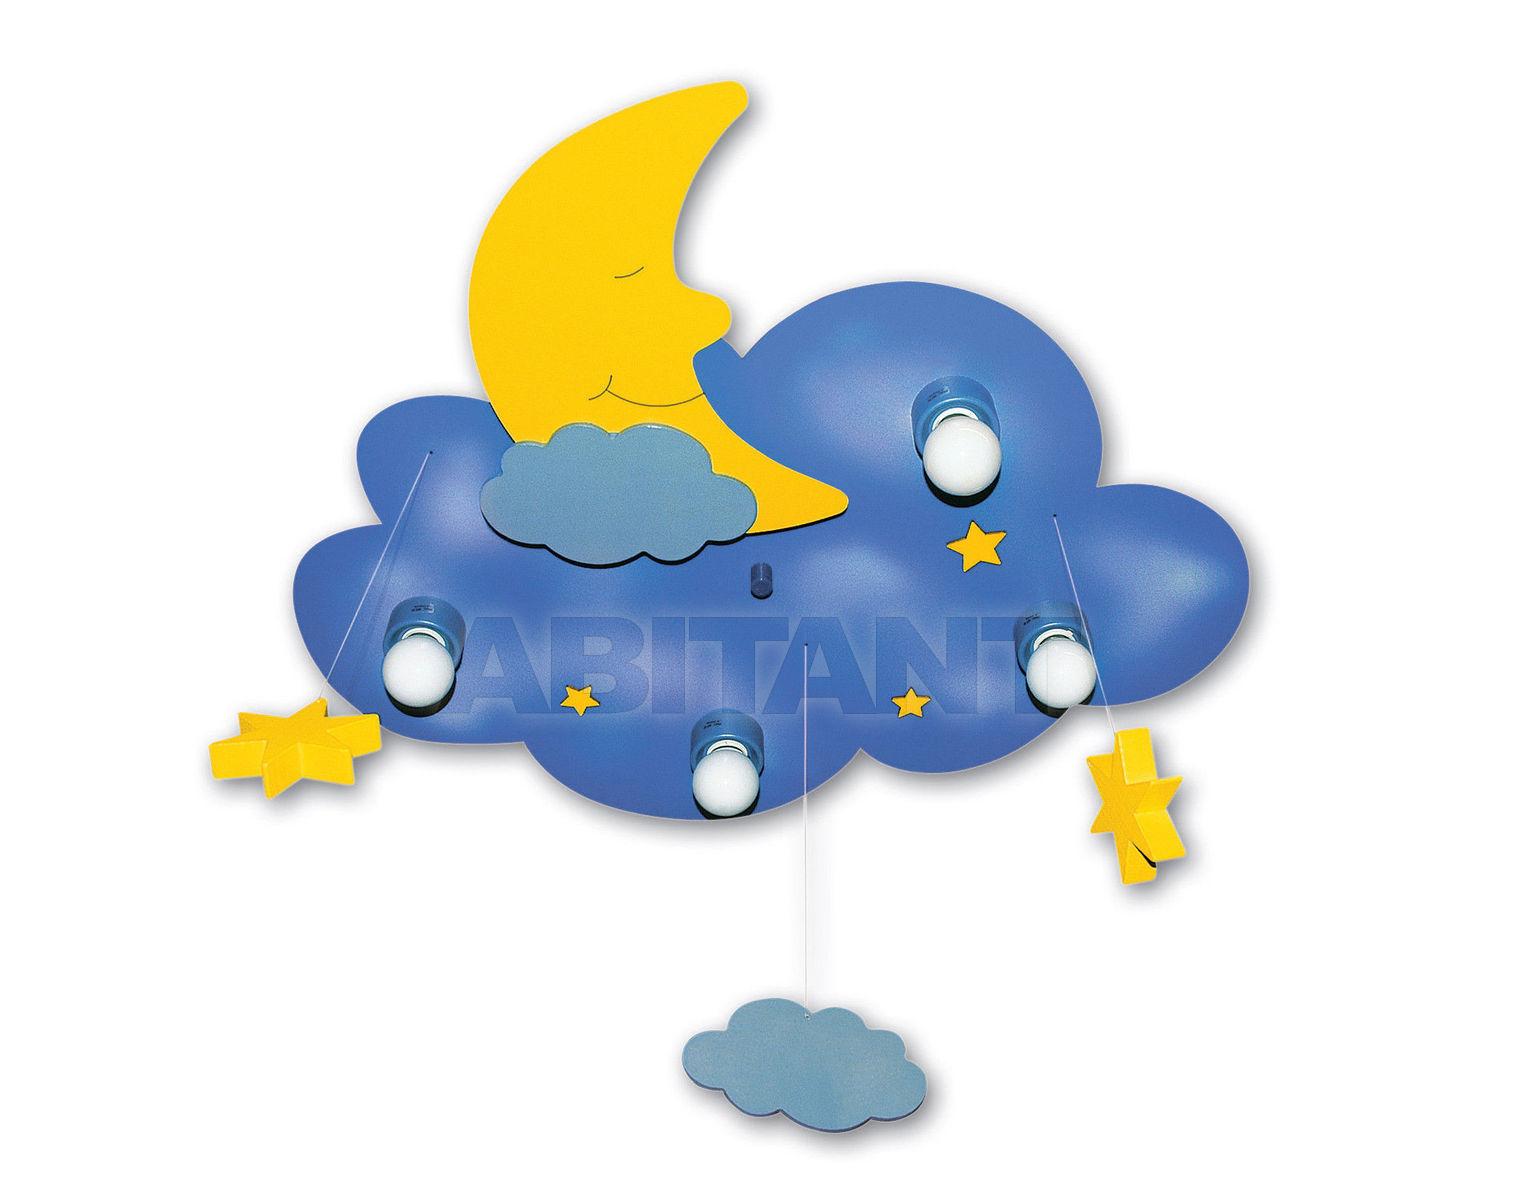 Купить Светильник для детской  Waldi Leuchten Lampen Fur Kinder 2012 65102.0